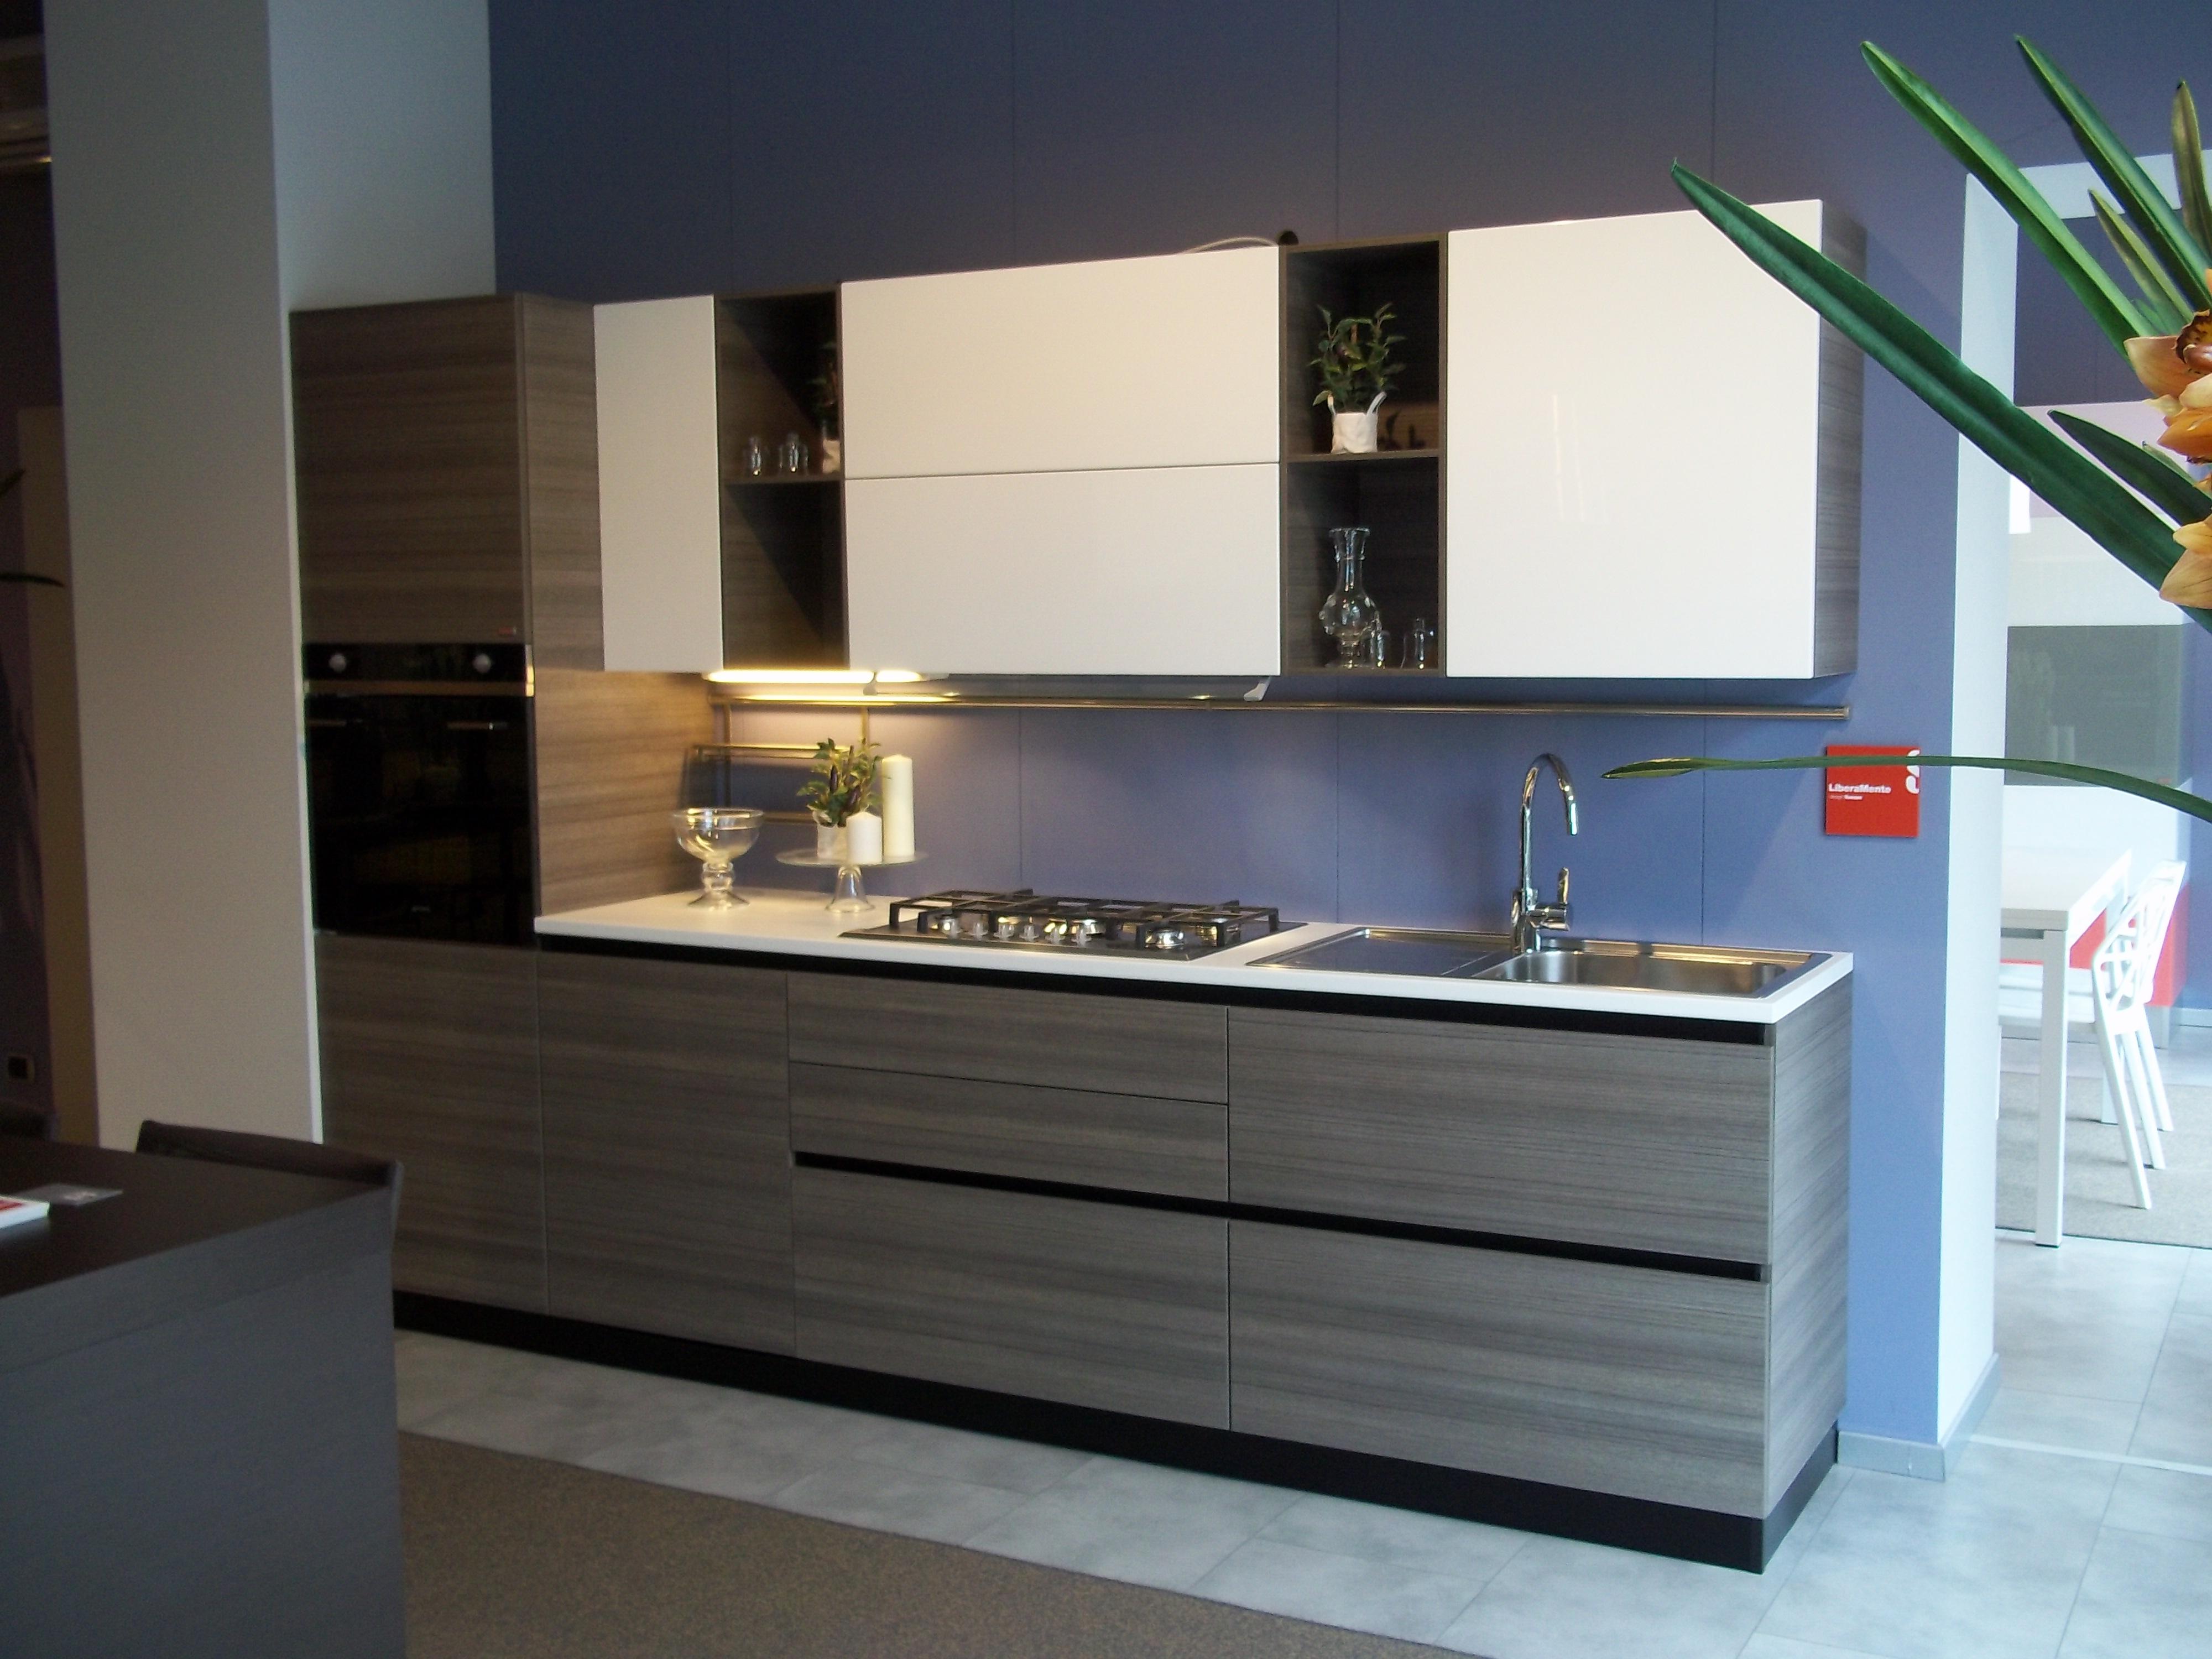 Offerta scavolini liberamente 16503 cucine a prezzi scontati - Cucine scavolini prezzi ...